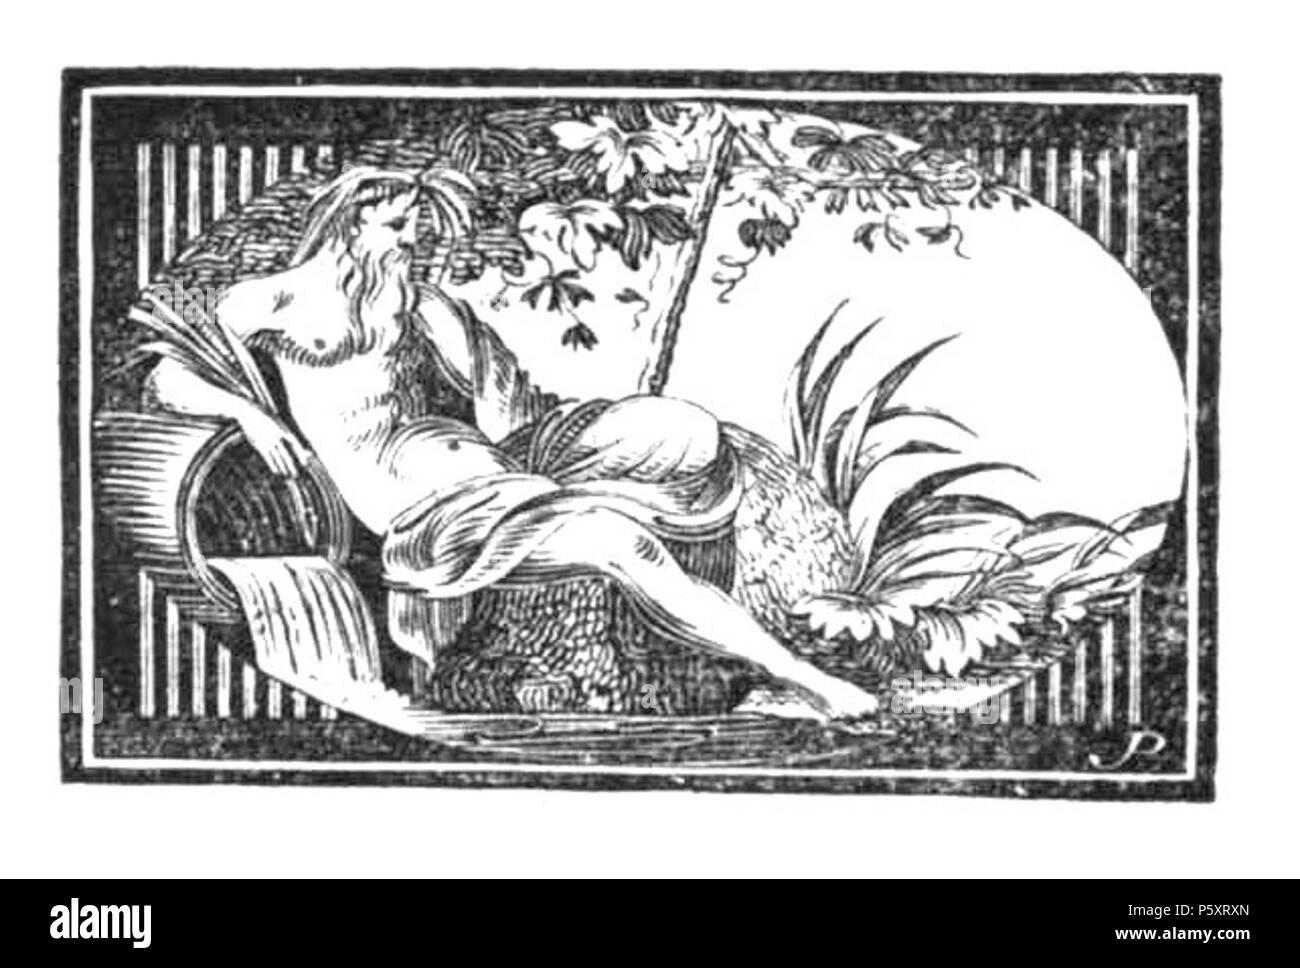 """N/A. Deutsch: Luise Duttenhofer / Holzschnitt: Johann Wilhelm Gottlieb Pfnor: Cannstatt (1821), schwarzer Scherenschnitt, Eingangsvignette für das Gedicht """"Cannstatt"""" aus dem Gedichtband """"Lautentöne"""" von Christian Gottlob Vischer. Der Holzschnitt zeigt in einem querovalen Medaillon den Gott des Neckars, der bei Bad Cannstatt am Flussufer liegt und das Wasser aus einem großen Fass in seinen Strom fließen lässt. Der Flussgott ist als älterer Mann mit ernstem Gesicht, einem klassischen Profil, einem langen, wallenden Bart und mit einem wohlerhaltenen muskulösen Körper dargestellt. Er ist nackt bi Stock Photo"""